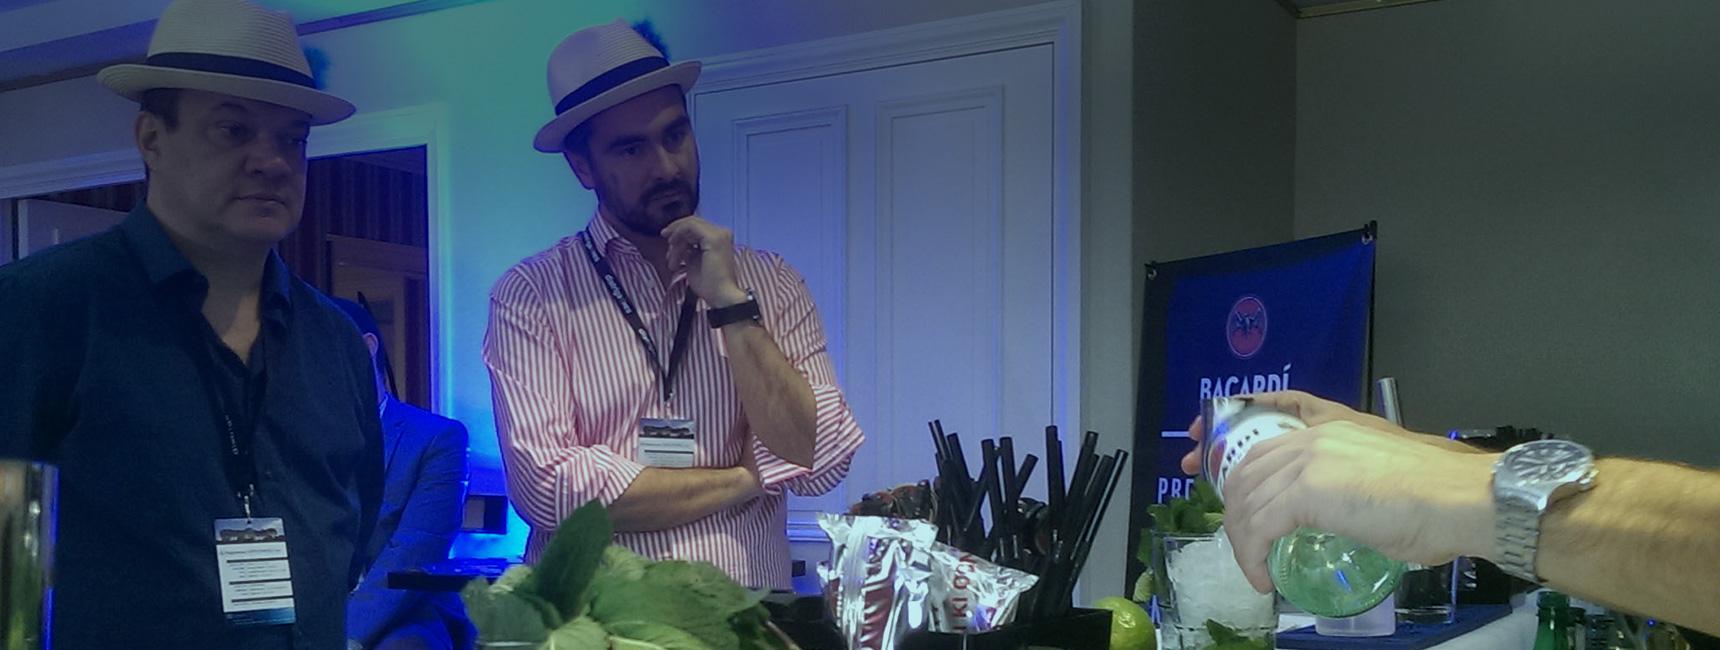 Presentation de produit et degustation - Keemia Event et Expérience Agence événementielle et roadshow